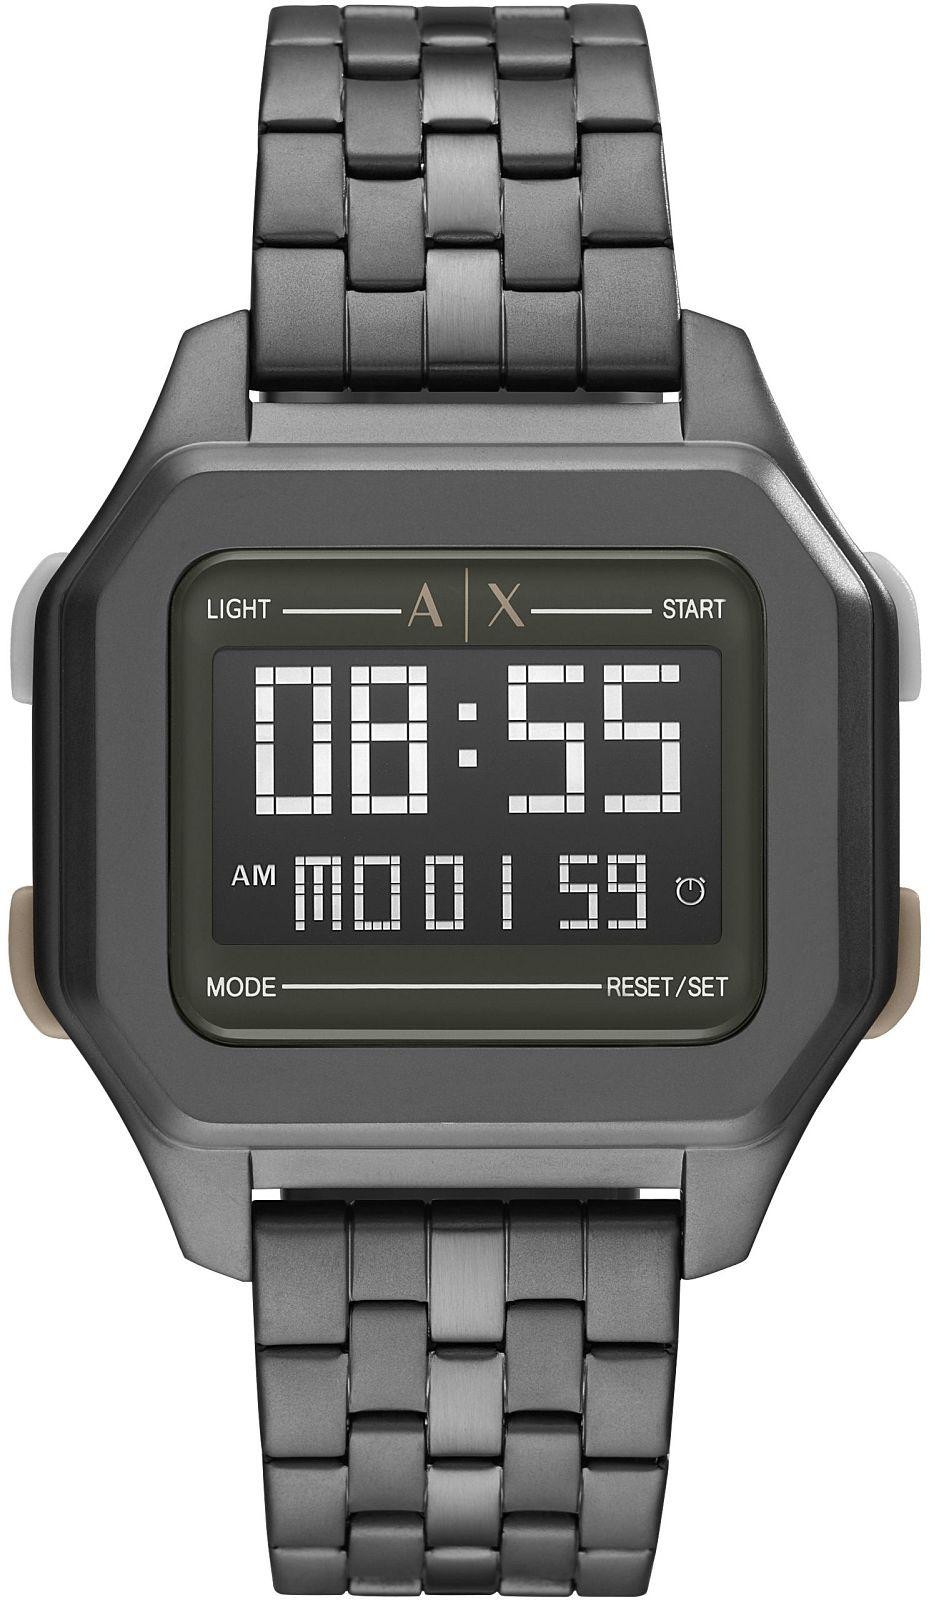 Zegarek Armani Exchange AX2951 > Wysyłka tego samego dnia Grawer 0zł Darmowa dostawa Kurierem/Inpost Darmowy zwrot przez 100 DNI